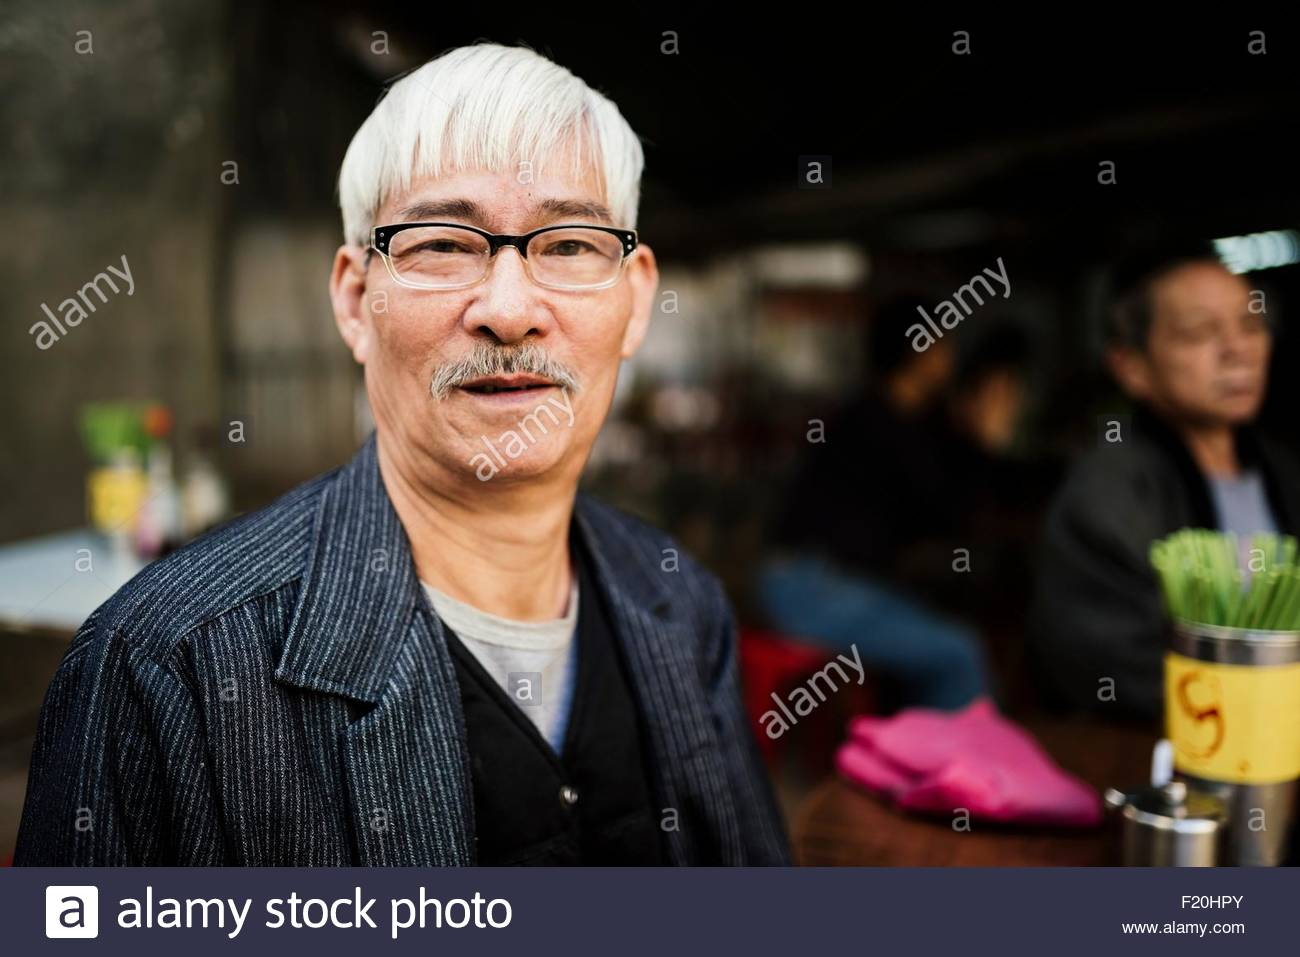 Retrato del hombre senior con cabello gris con gafas mirando a la cámara Imagen De Stock